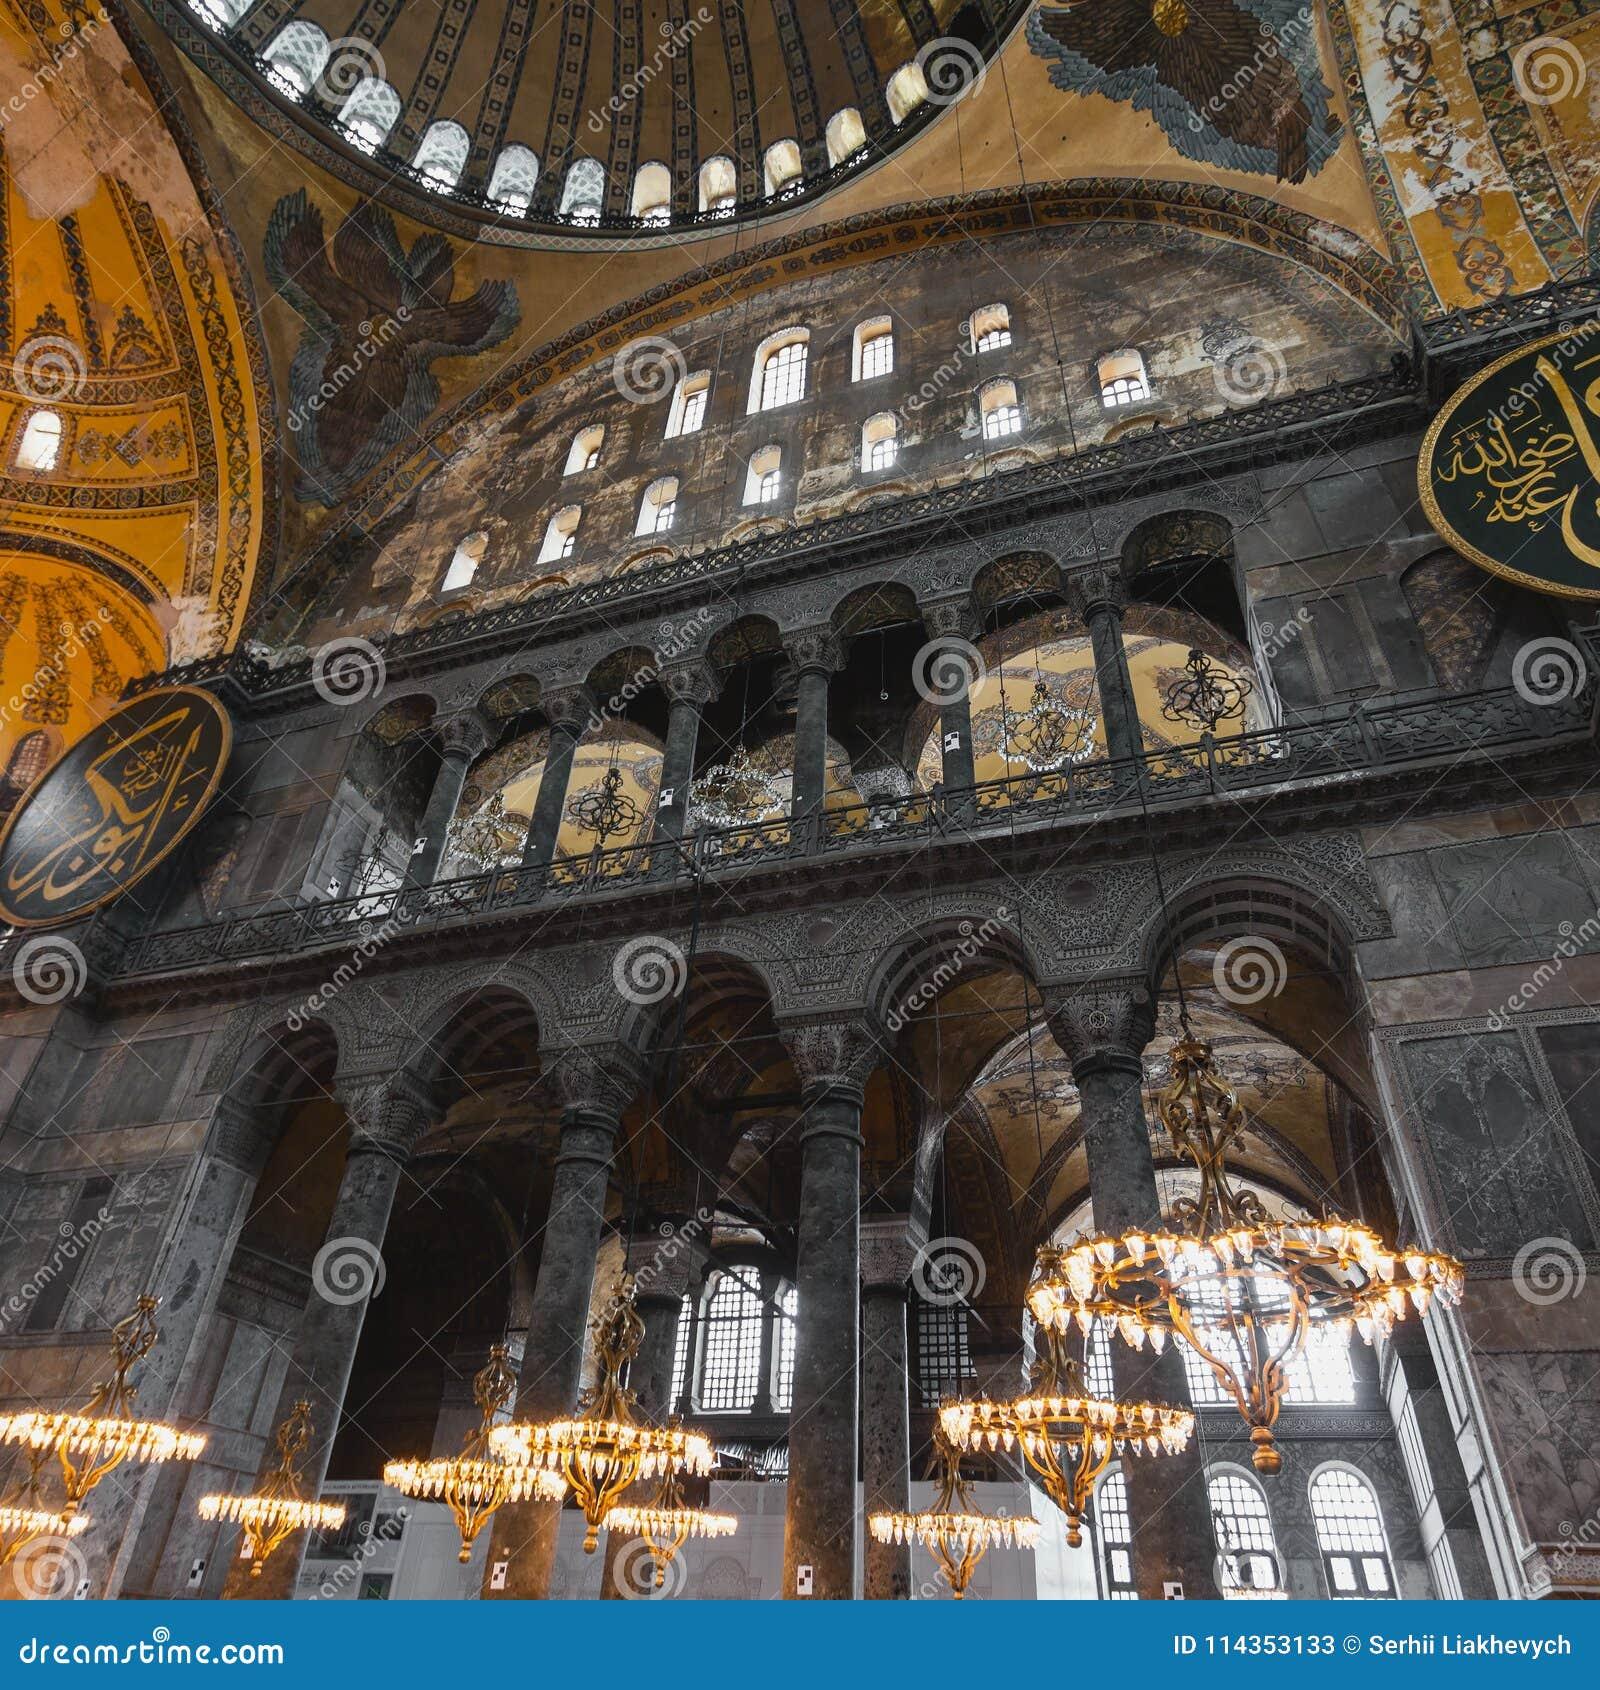 Hagia Sophia Interior At Istanbul Turkey - Architecture ...   Hagia Sophia Interior Columns